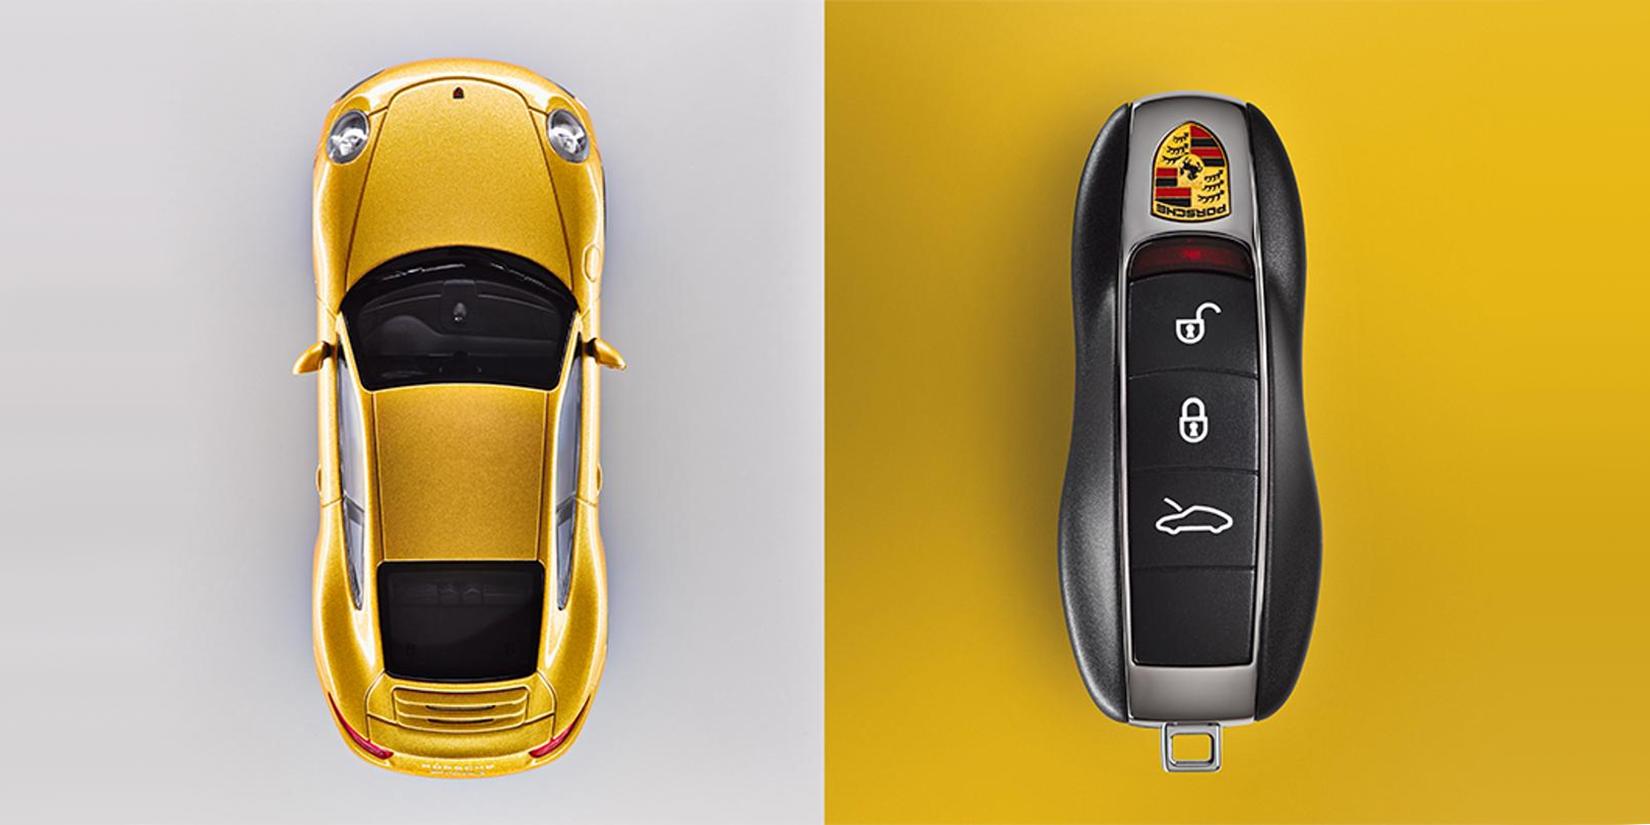 Porsche 991 Key Fob